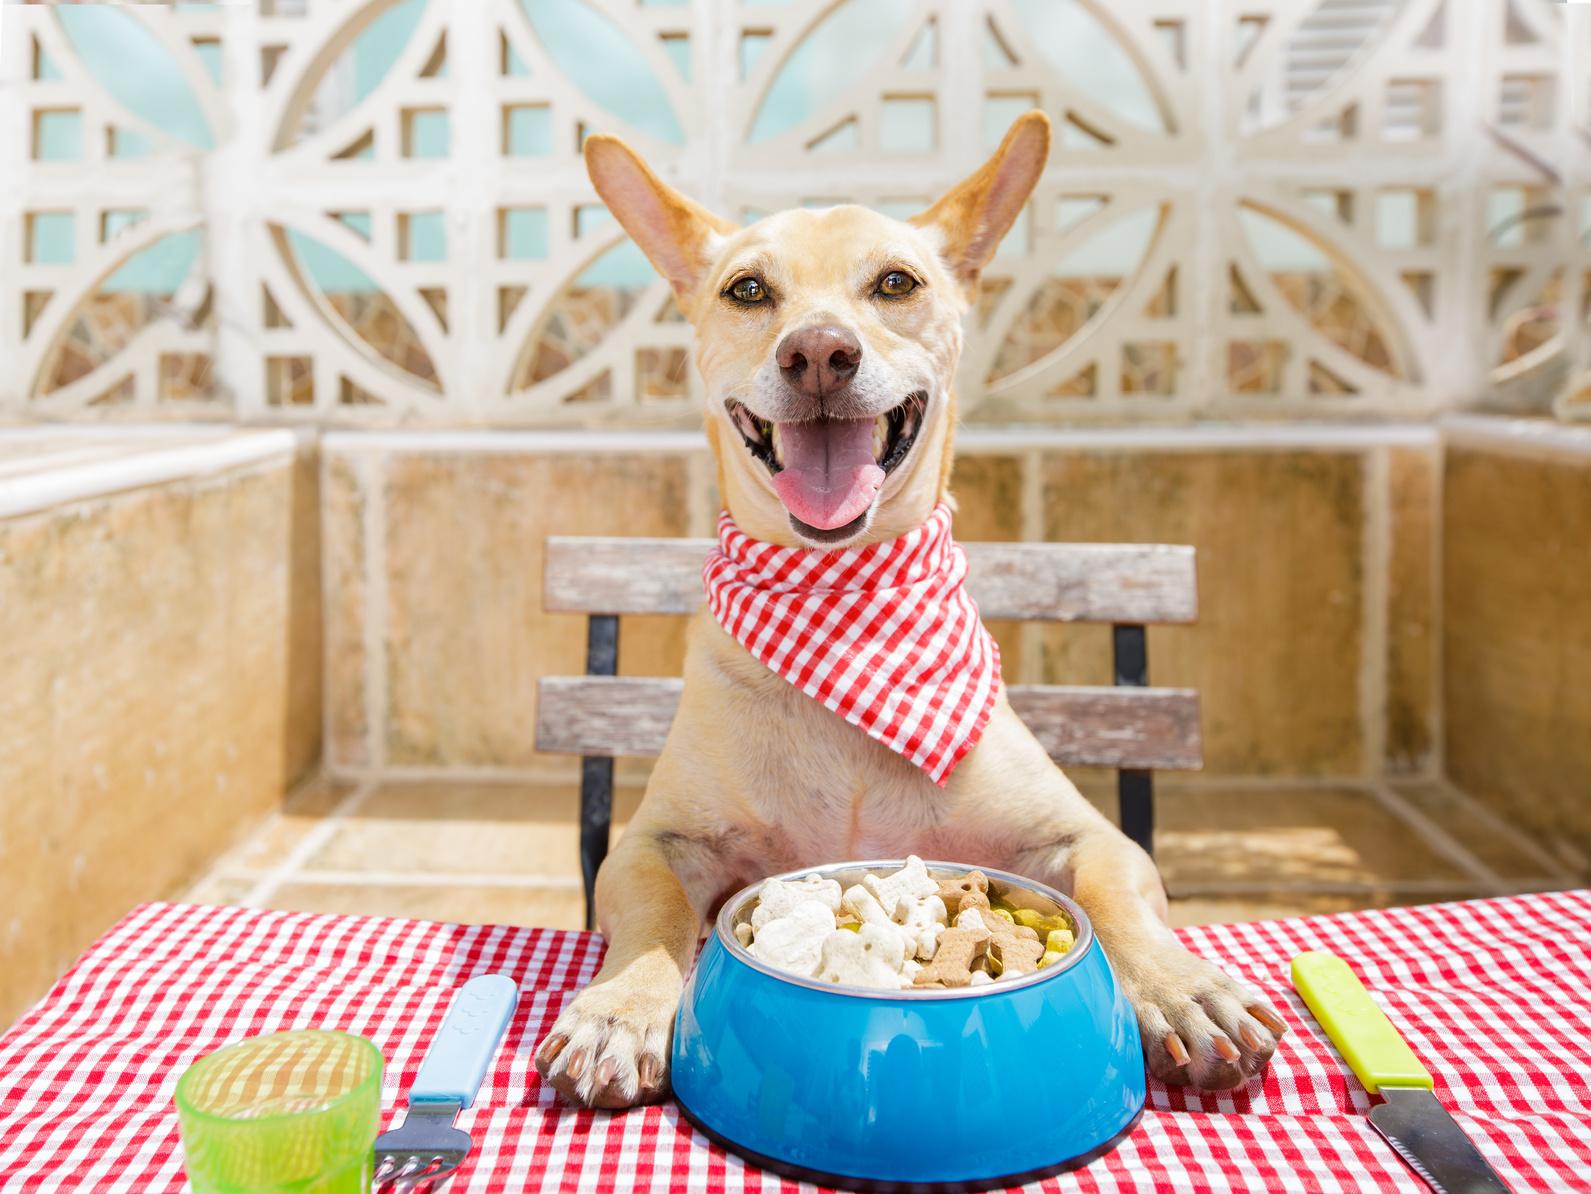 愛犬と一緒に店内で食事を楽しみたい!東京23区内のおすすめドッグカフェ